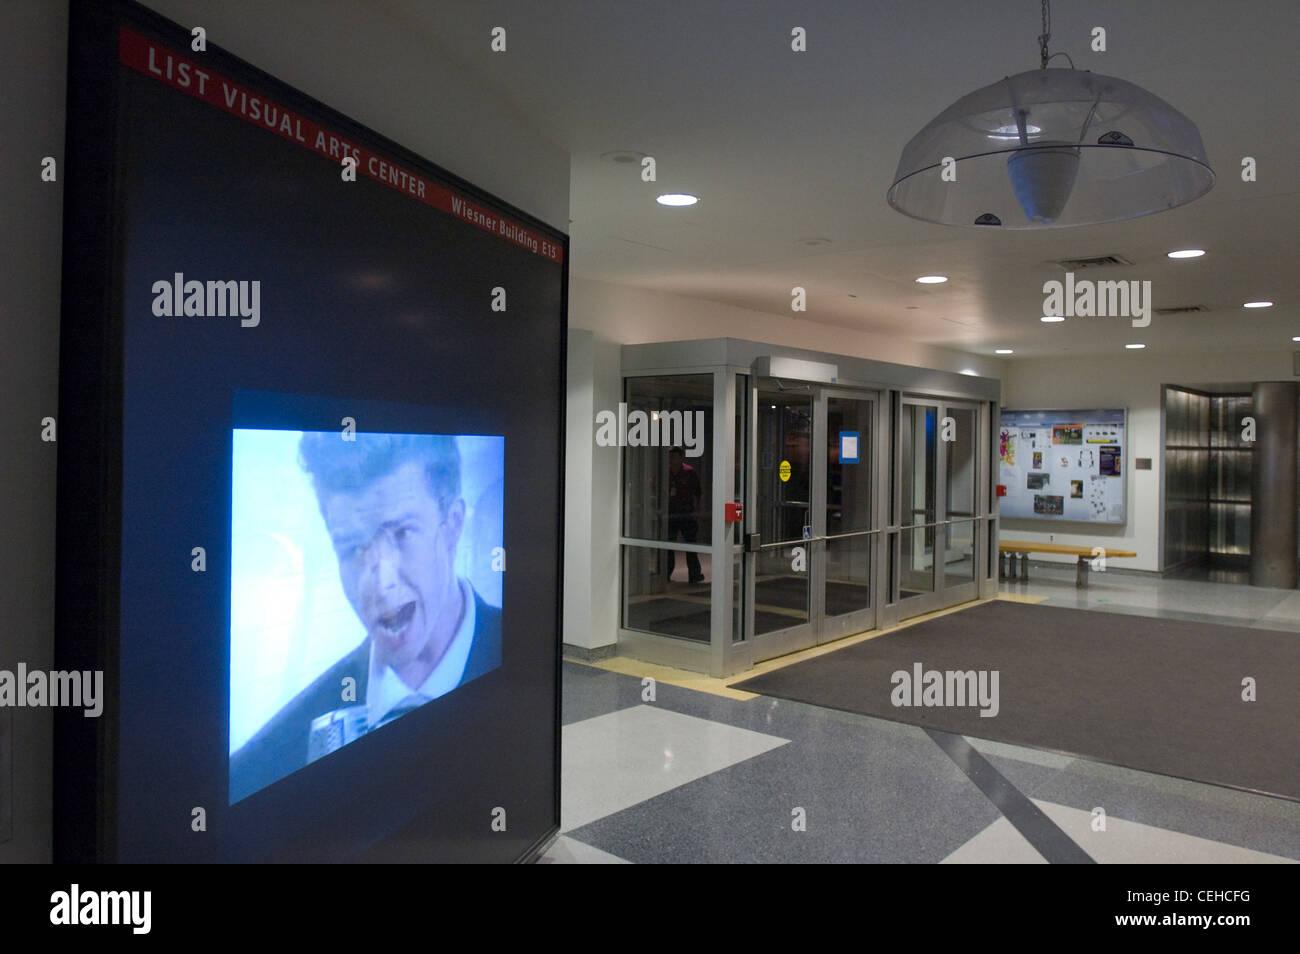 Per mit's 2008 campus weekend anteprima, hacker modificato l'elenco visual arts center supporti parete di Immagini Stock